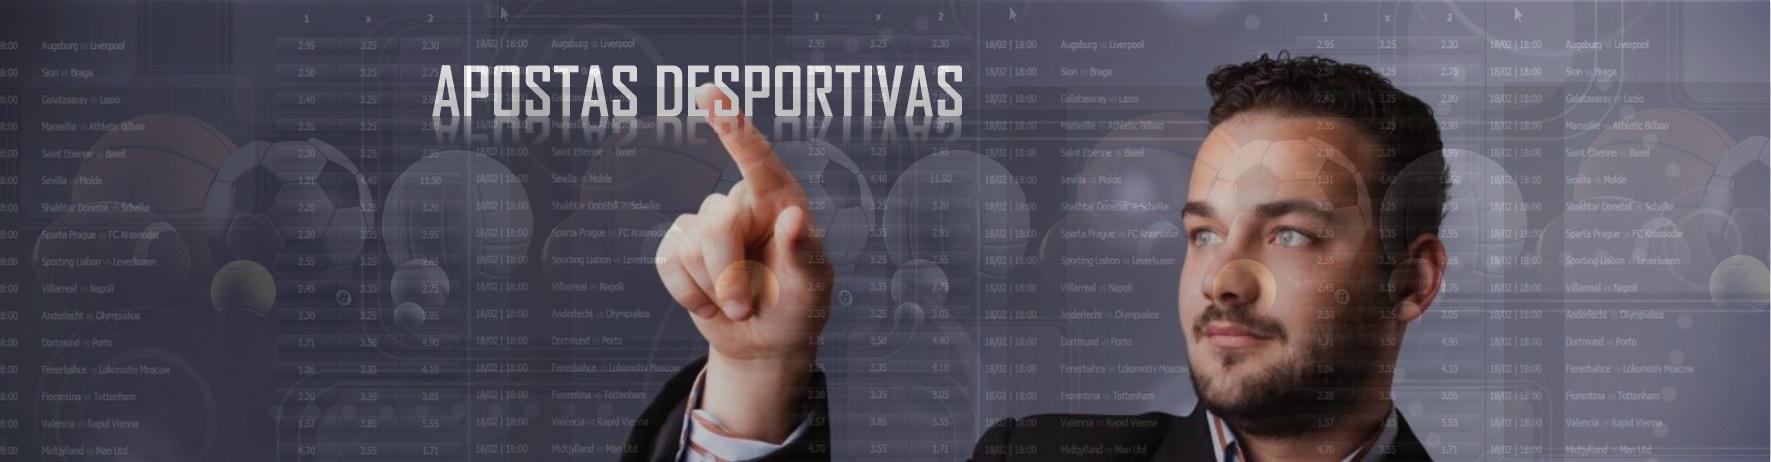 APOSTAS DESPORTIVAS...